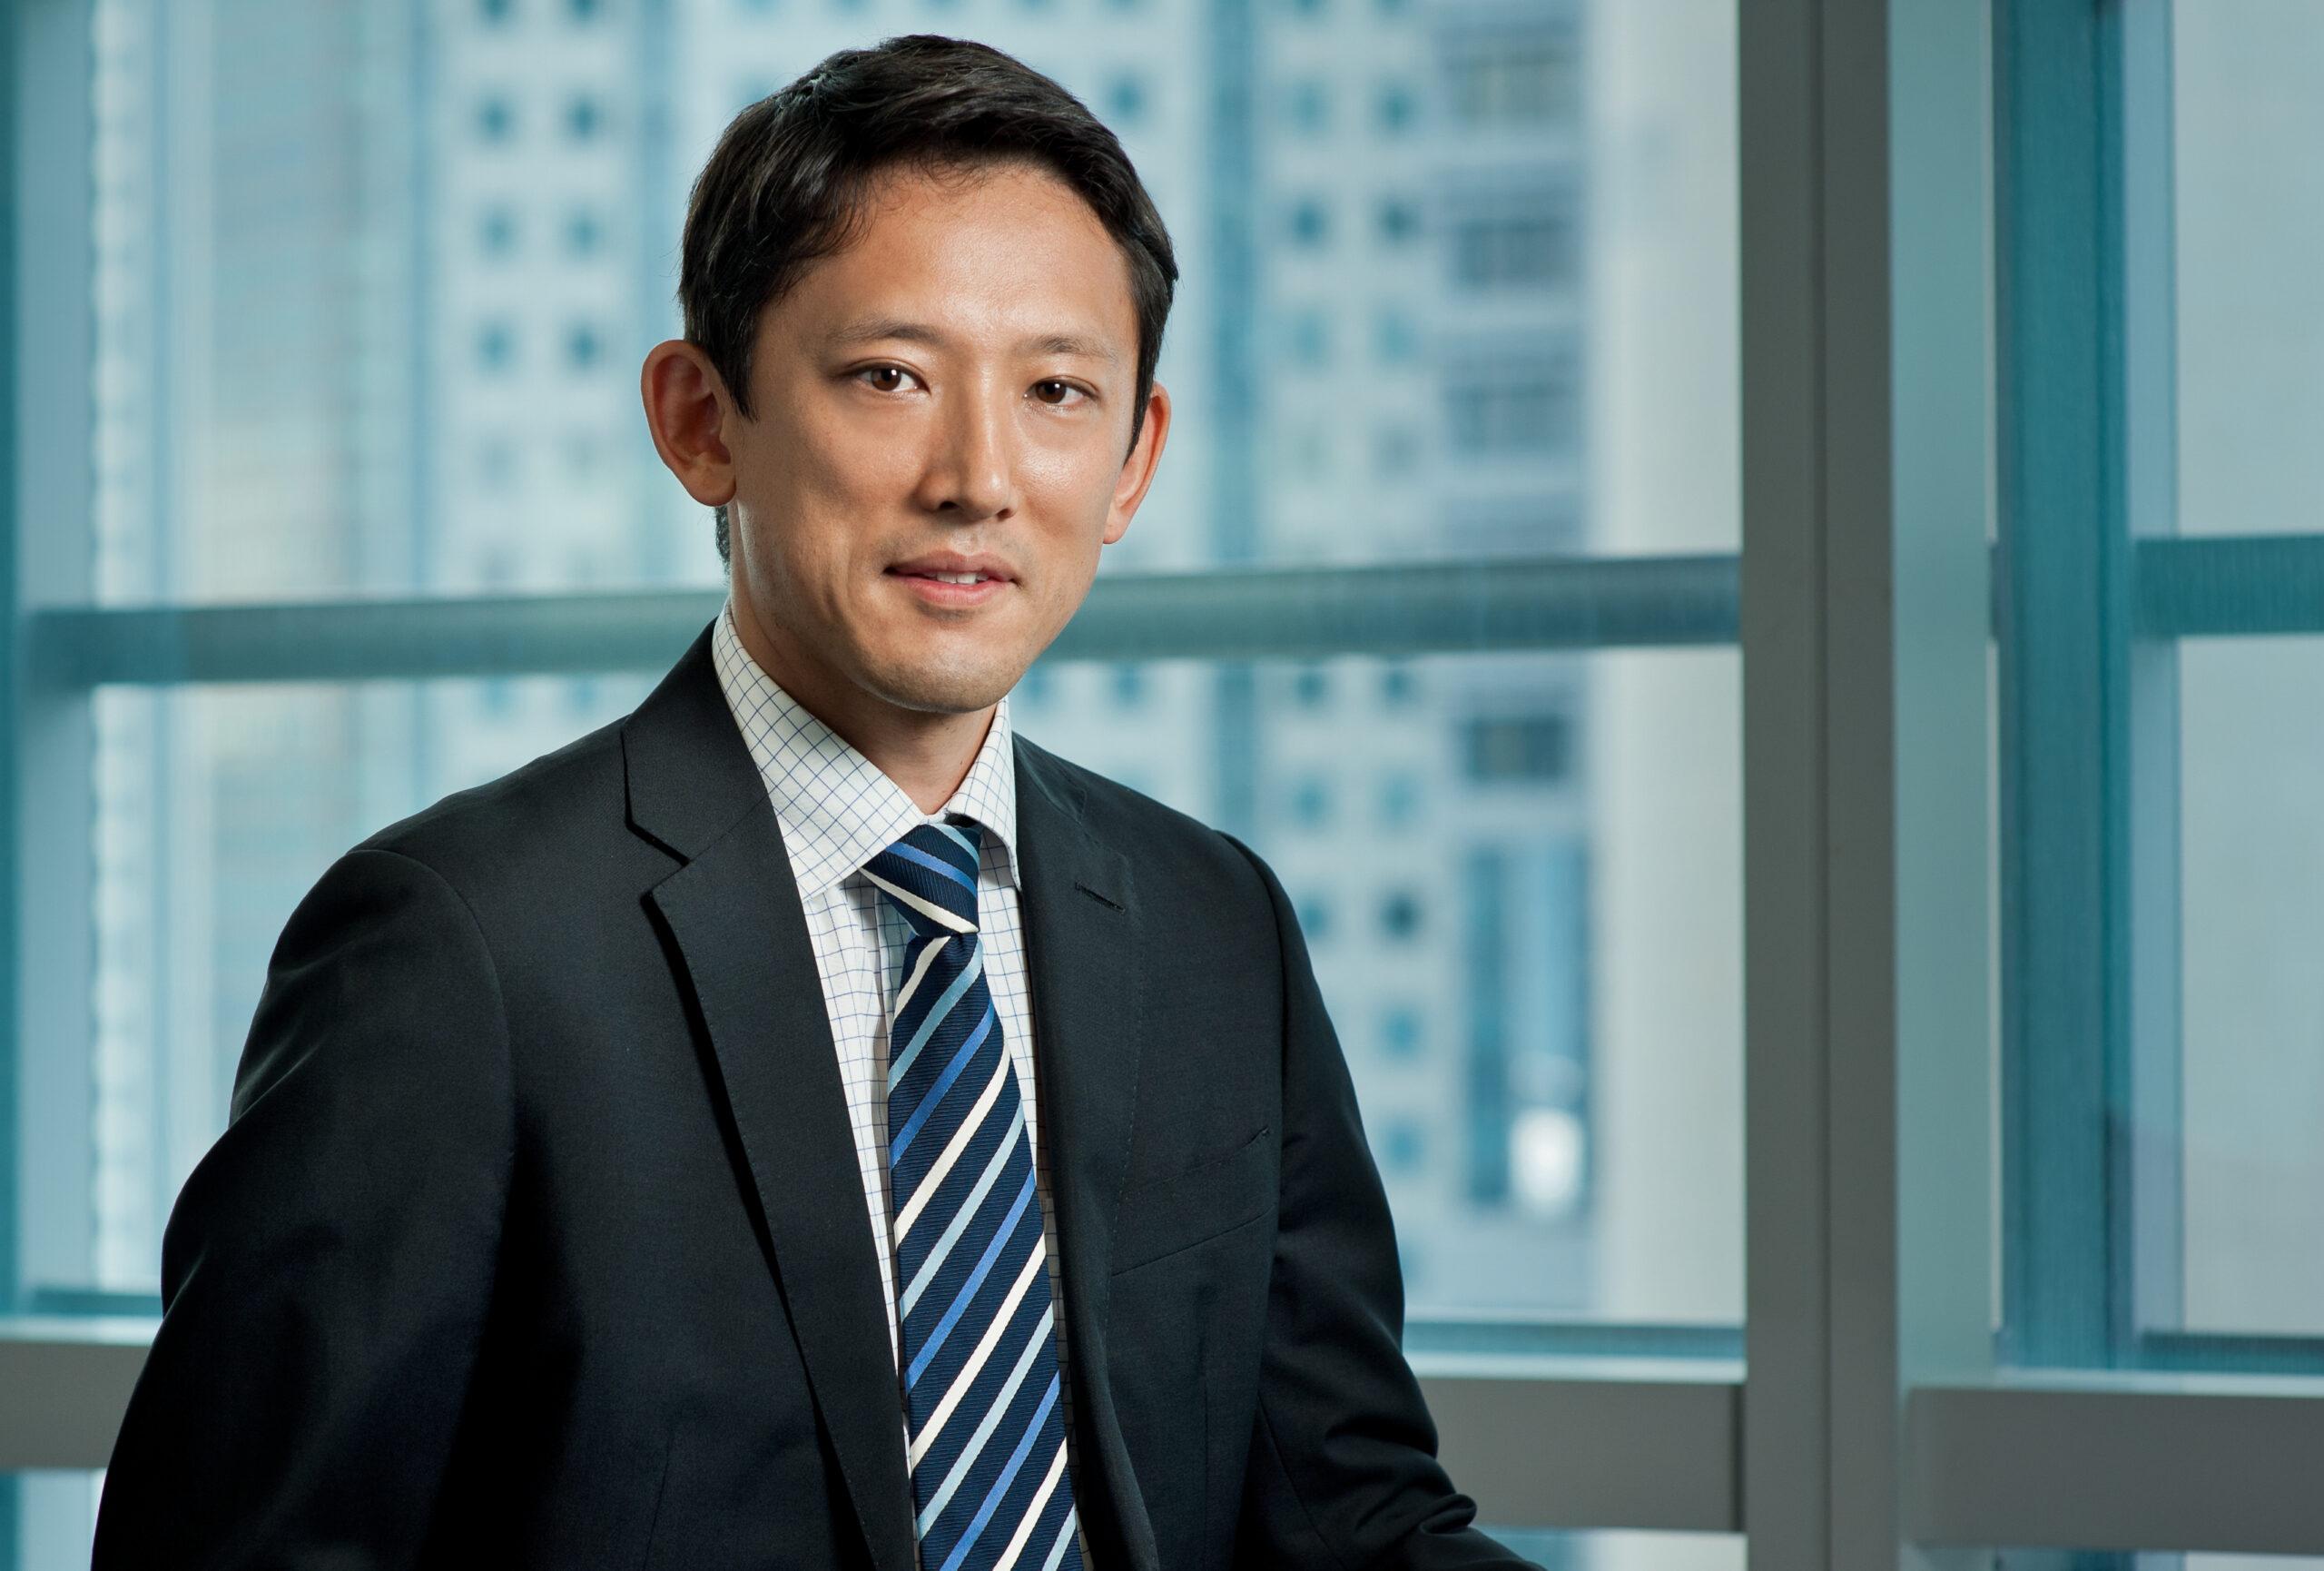 底堅い物流施設やレジに重点投資続ける―ヌビーン日本法人・渡邊氏に戦略を聞く